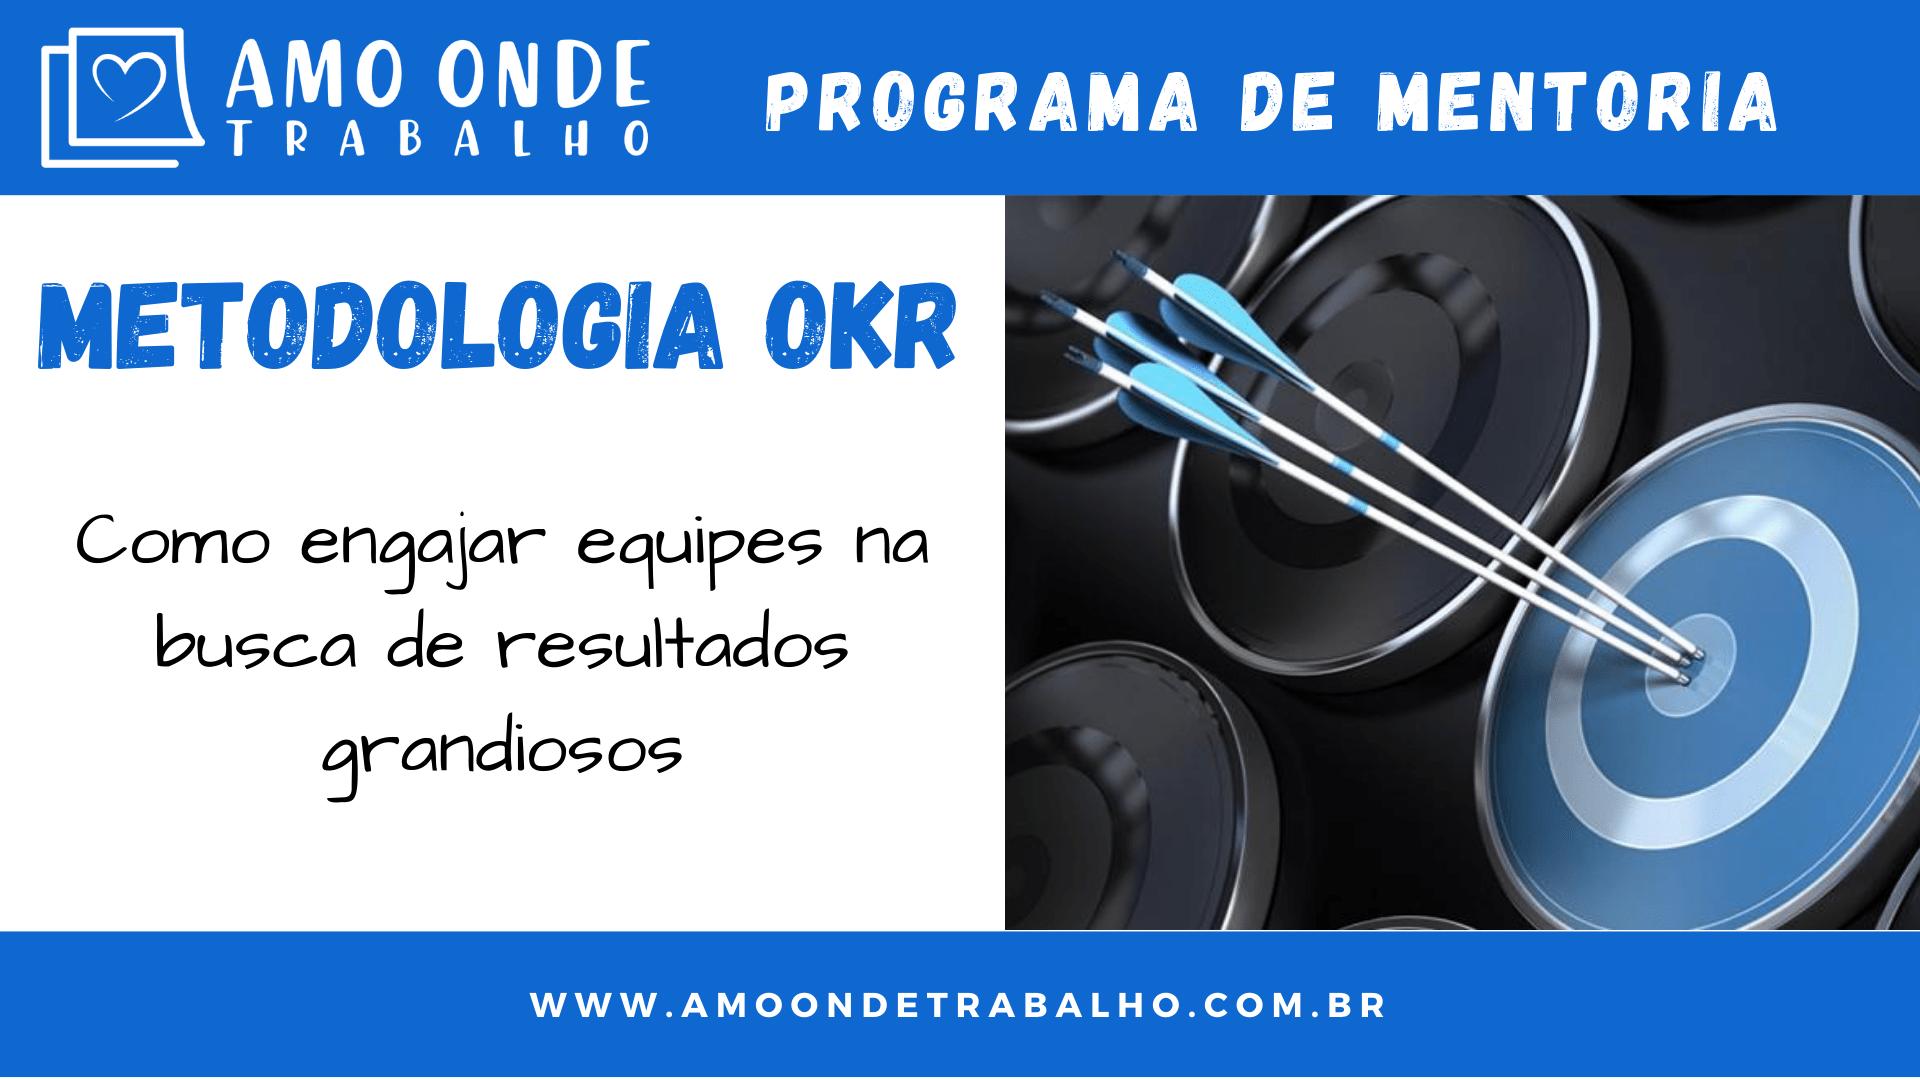 Programa de Mentoria - OKR